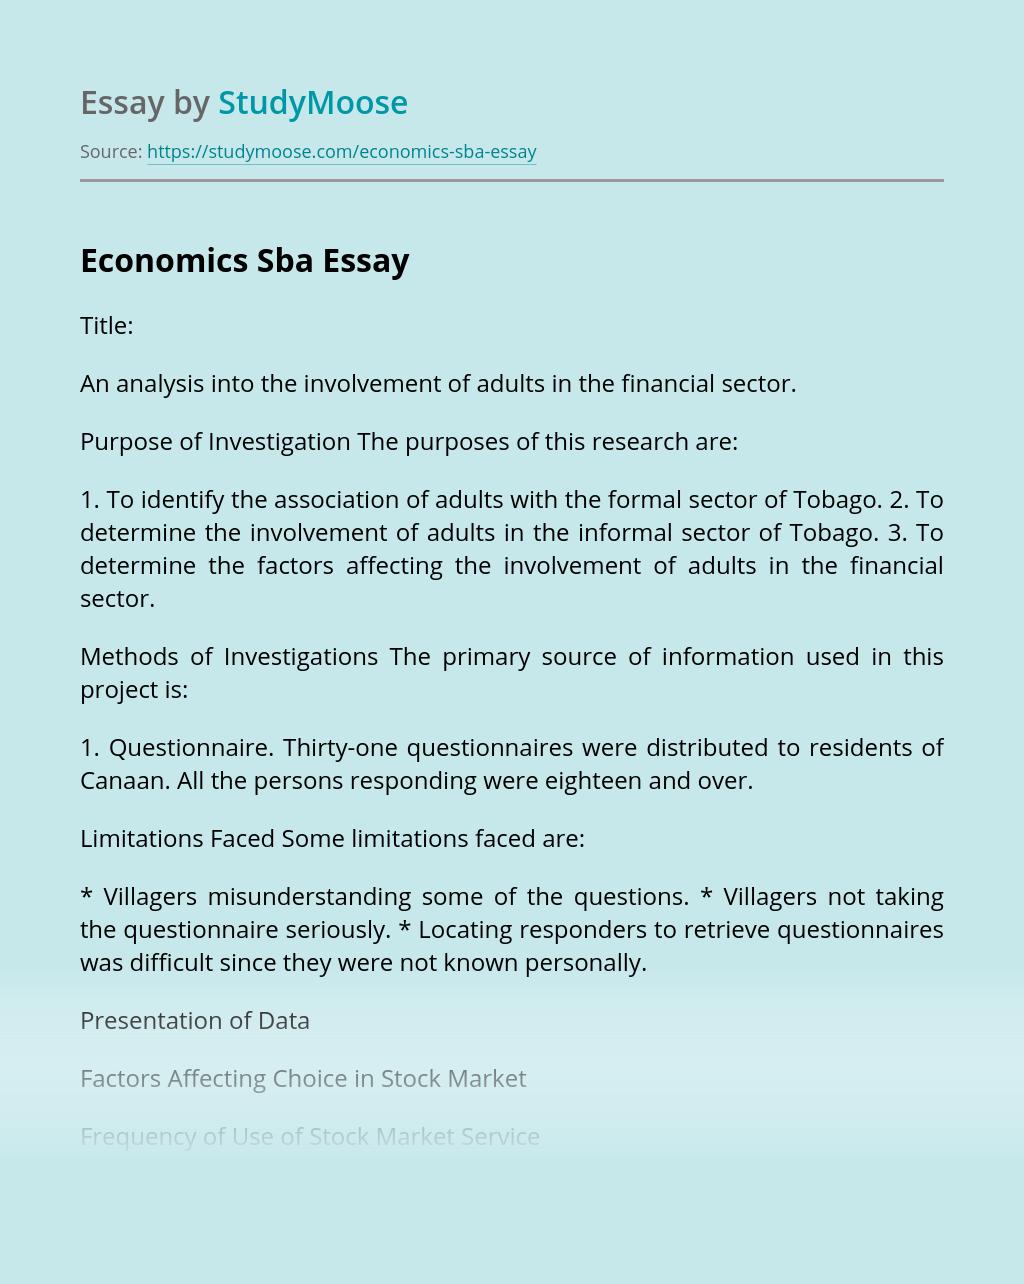 Economics Sba